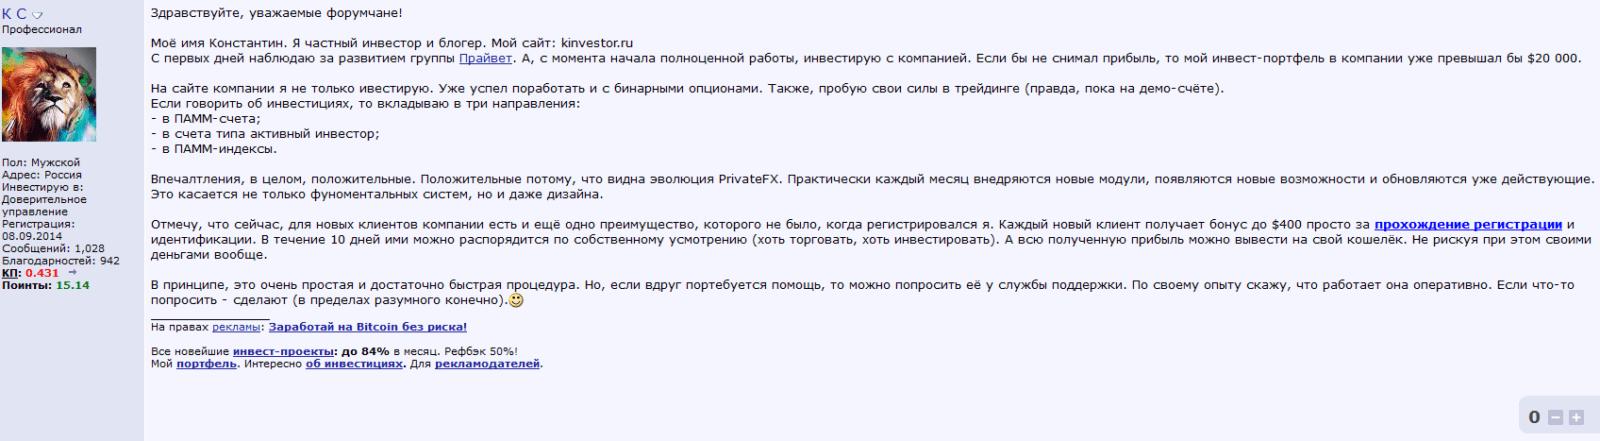 moy-otzyv-privatefx